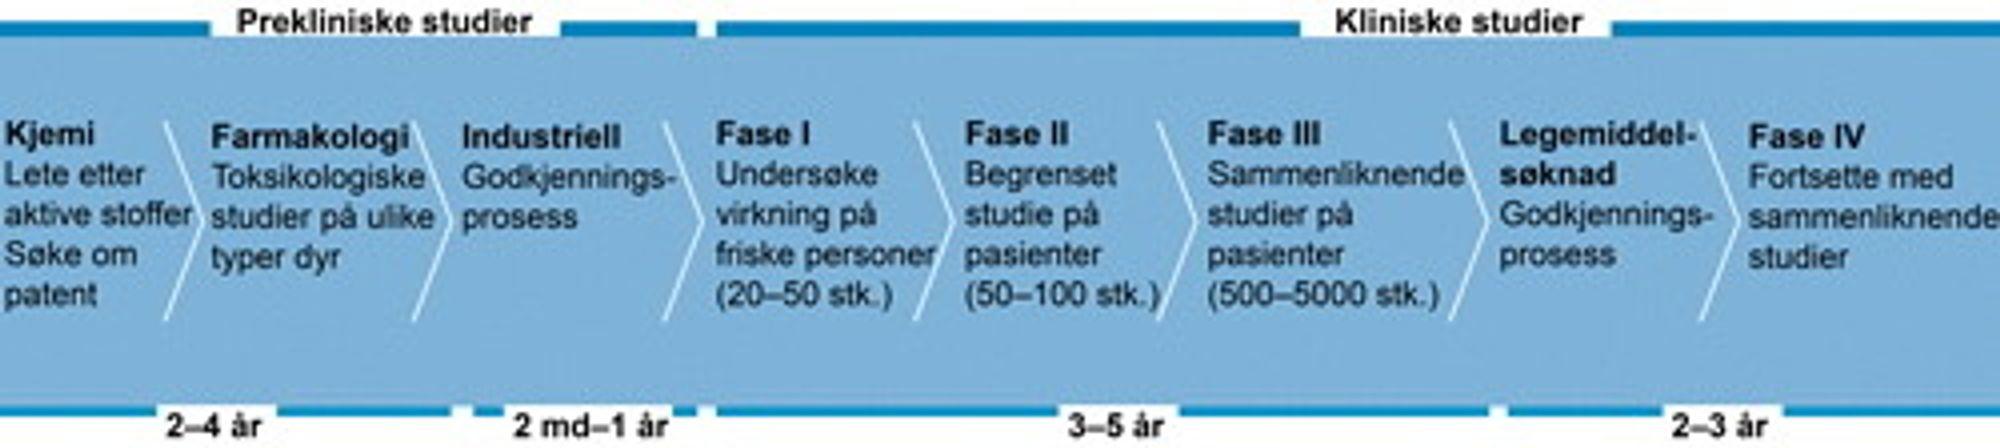 Prosessen bak utviklingen av et legemiddel og eksempel på tidsbruk. (Illustrasjon: Basert på illustrasjon fra Uppsala Universitet)